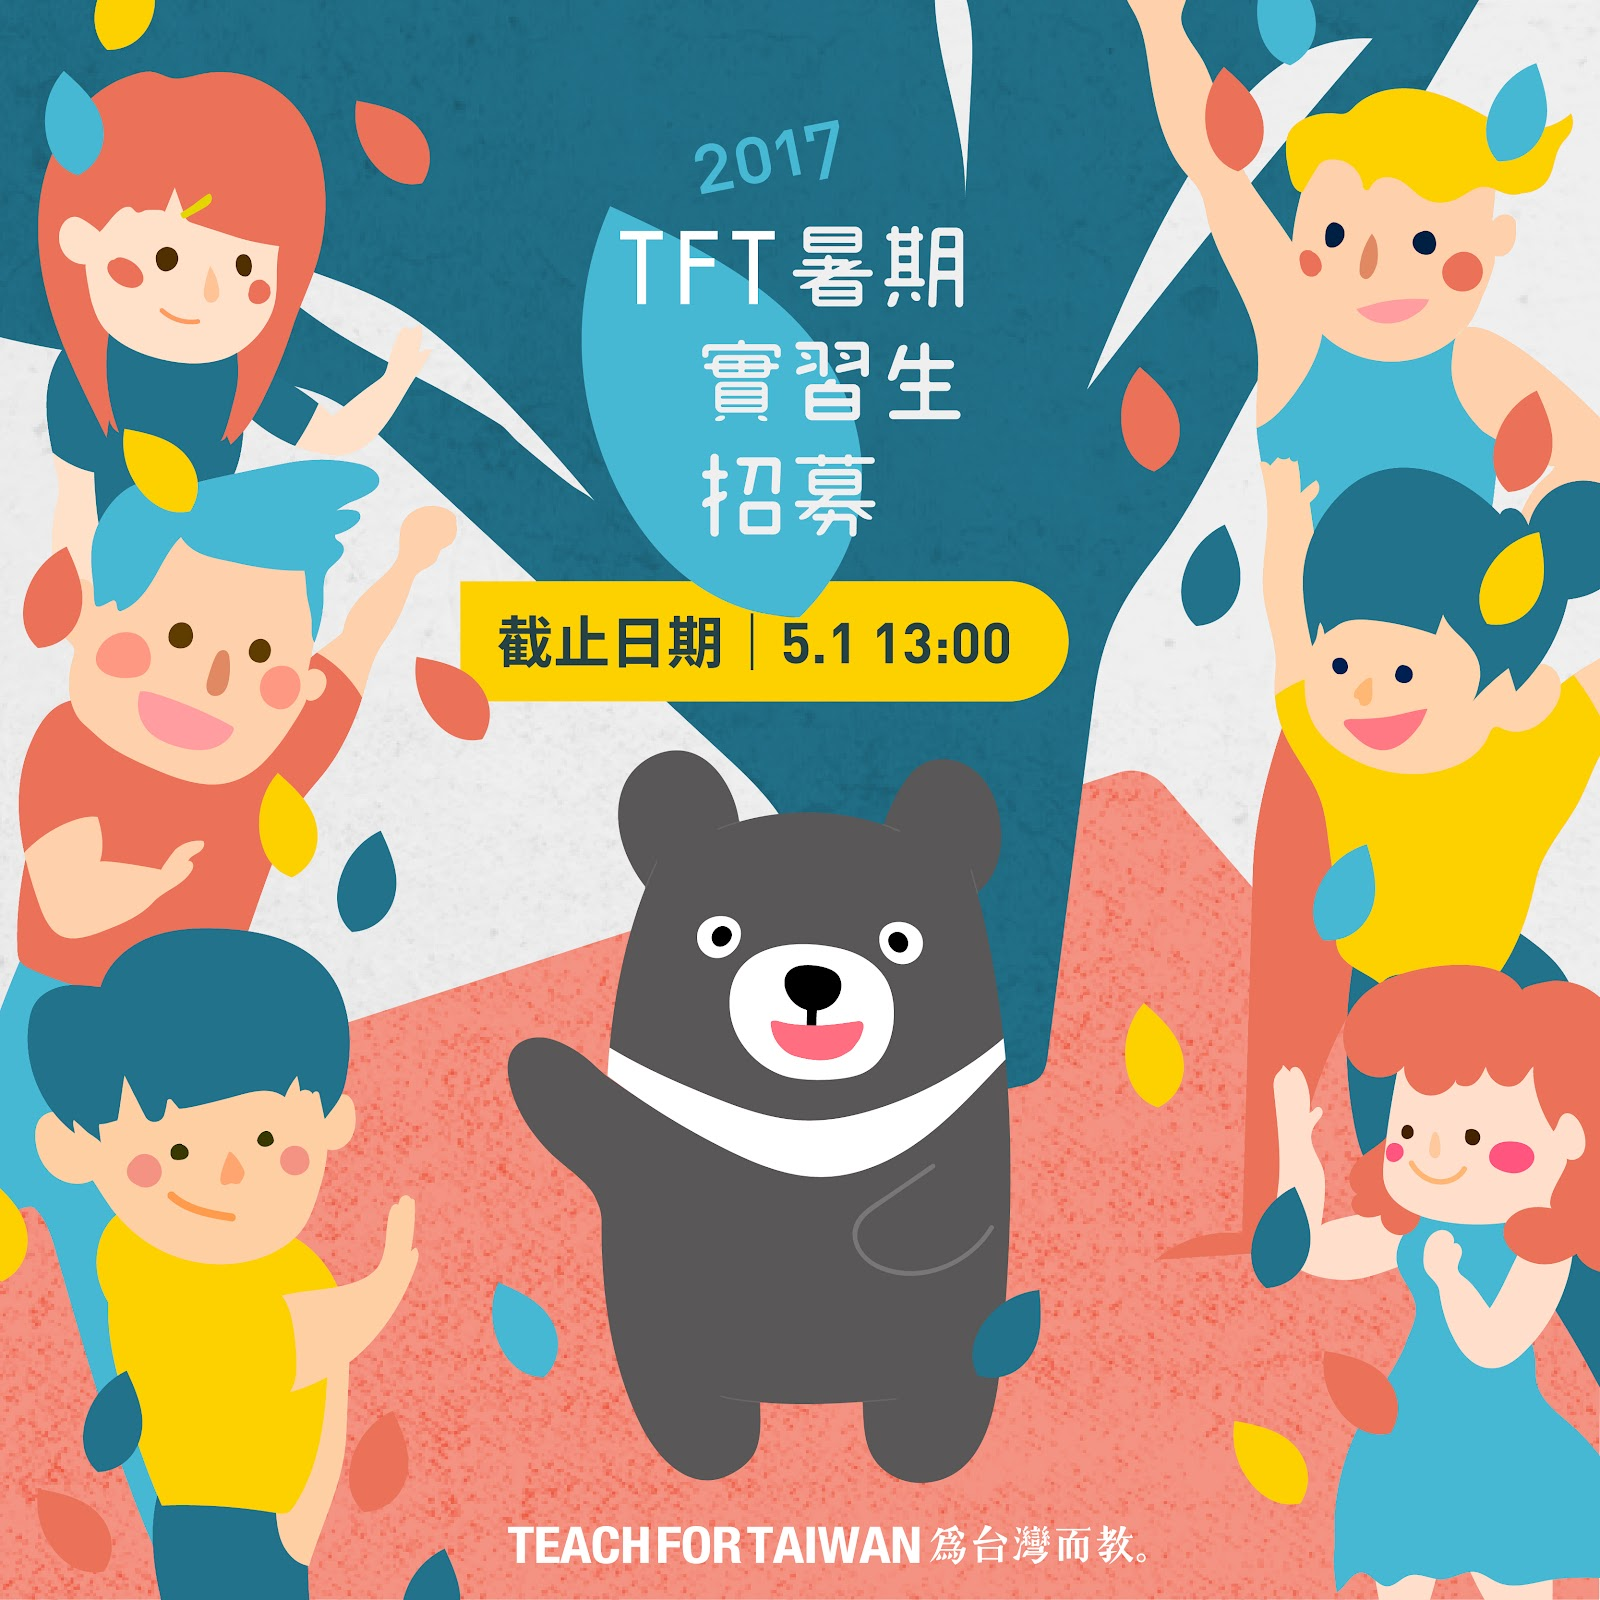 TFT 2017暑期實習生招募圖.jpg